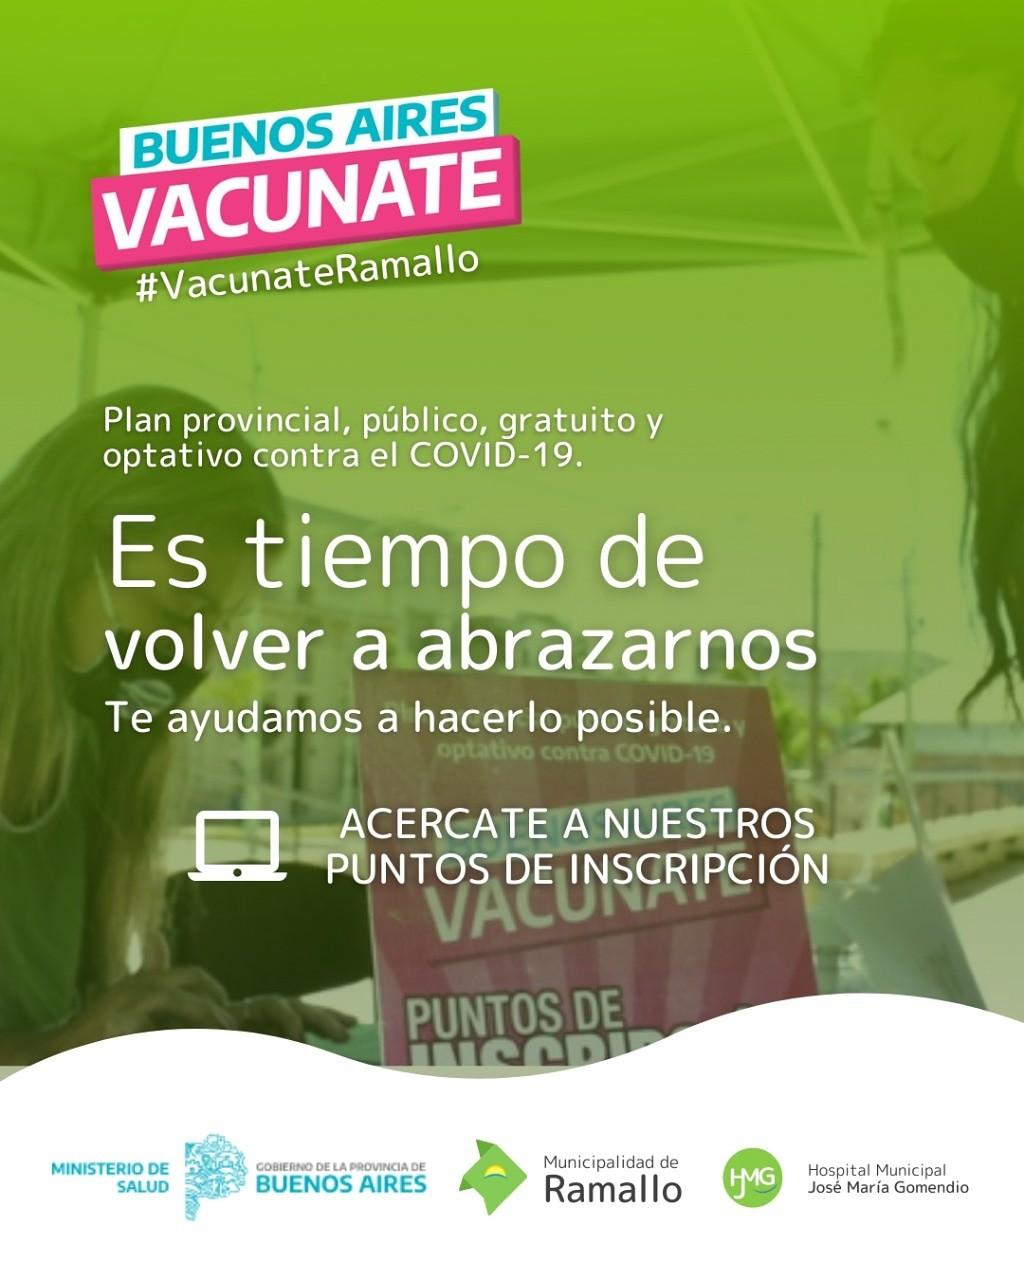 Puntos de inscripción para vacunarse contra el Coronavirus